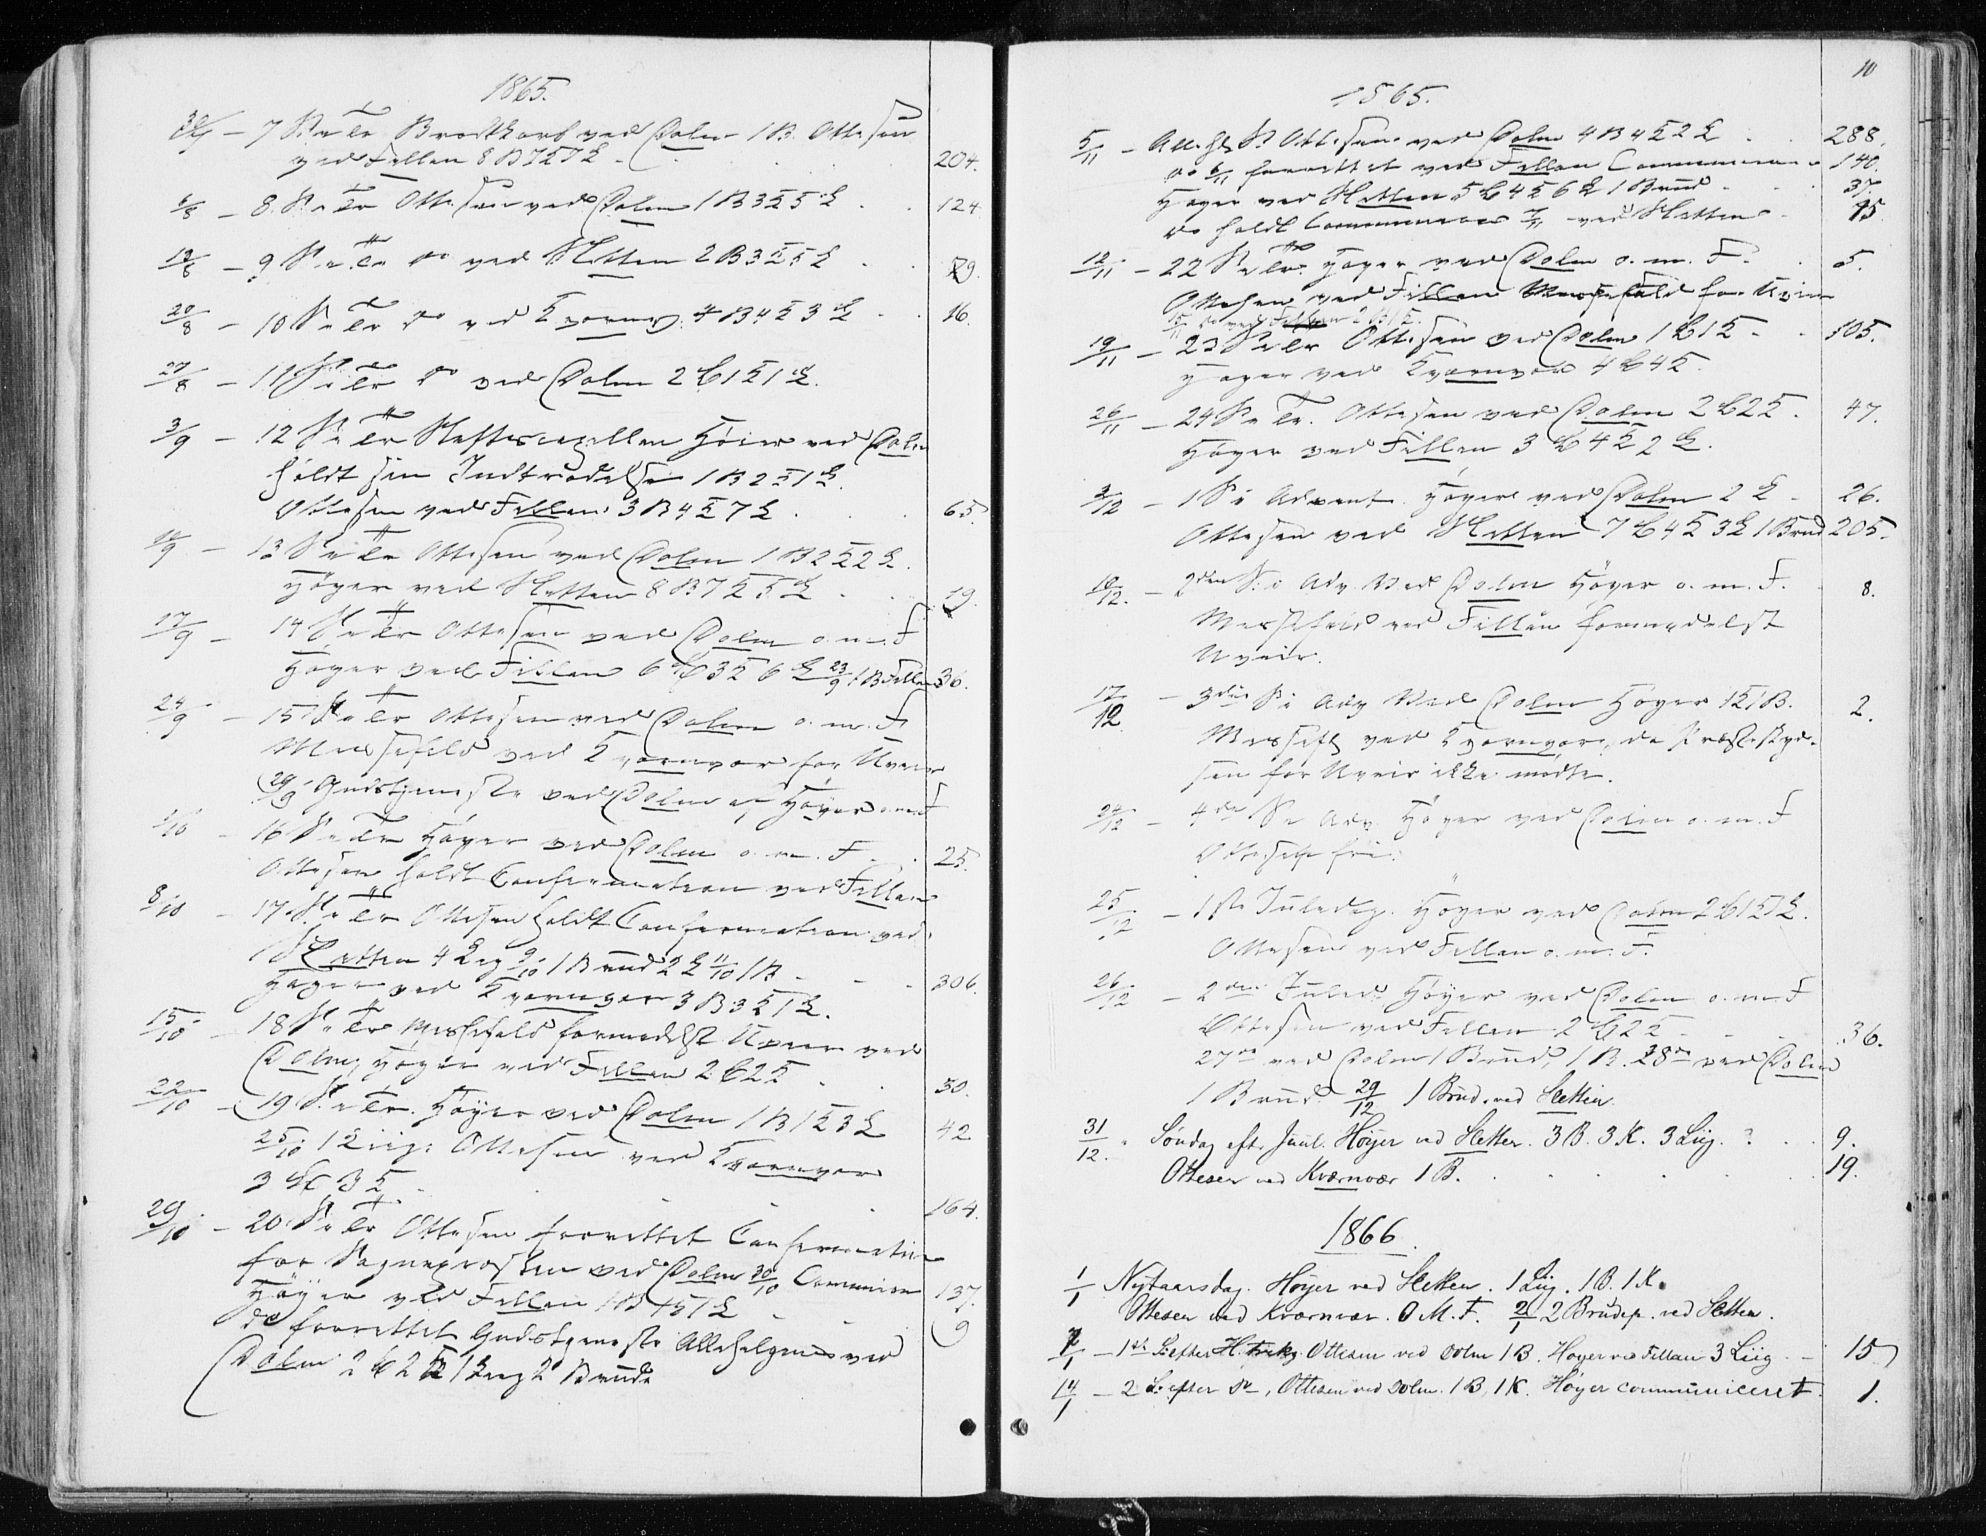 SAT, Ministerialprotokoller, klokkerbøker og fødselsregistre - Sør-Trøndelag, 634/L0531: Ministerialbok nr. 634A07, 1861-1870, s. 10